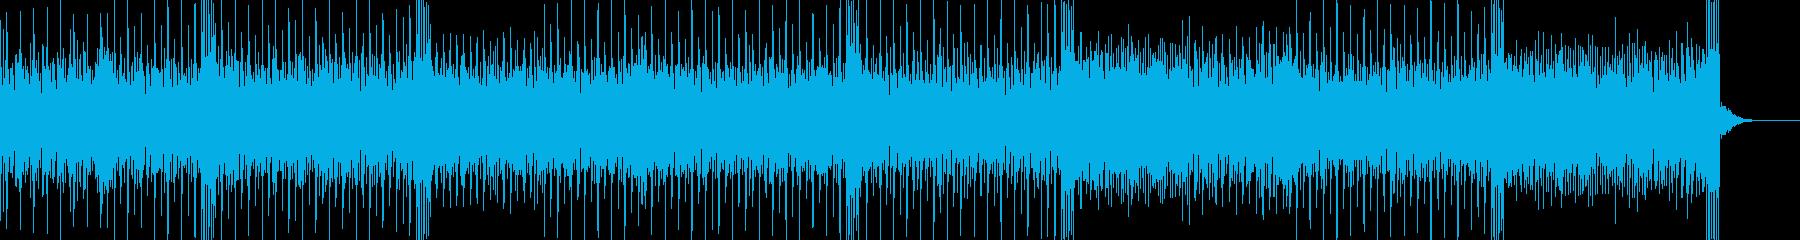 トランスっぽいアルペジオが印象的なBGMの再生済みの波形